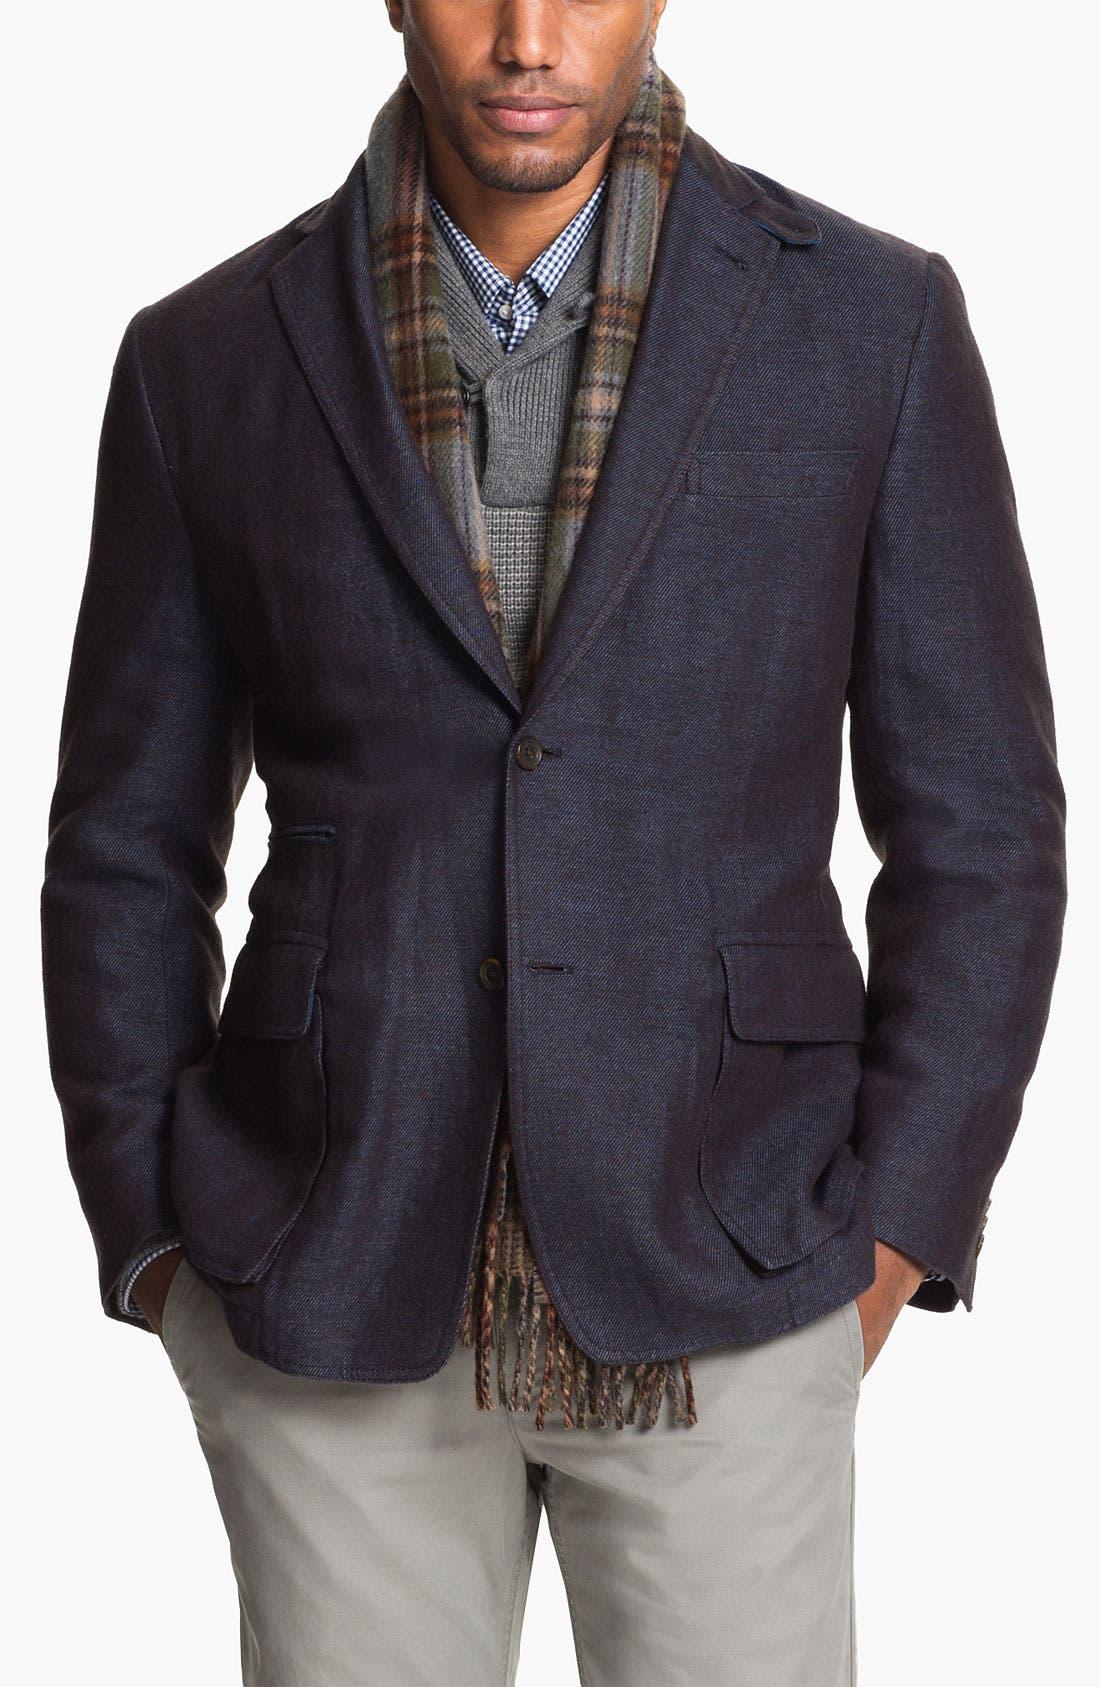 Main Image - Kroon 'Waits' Linen & Wool Blend Sportcoat